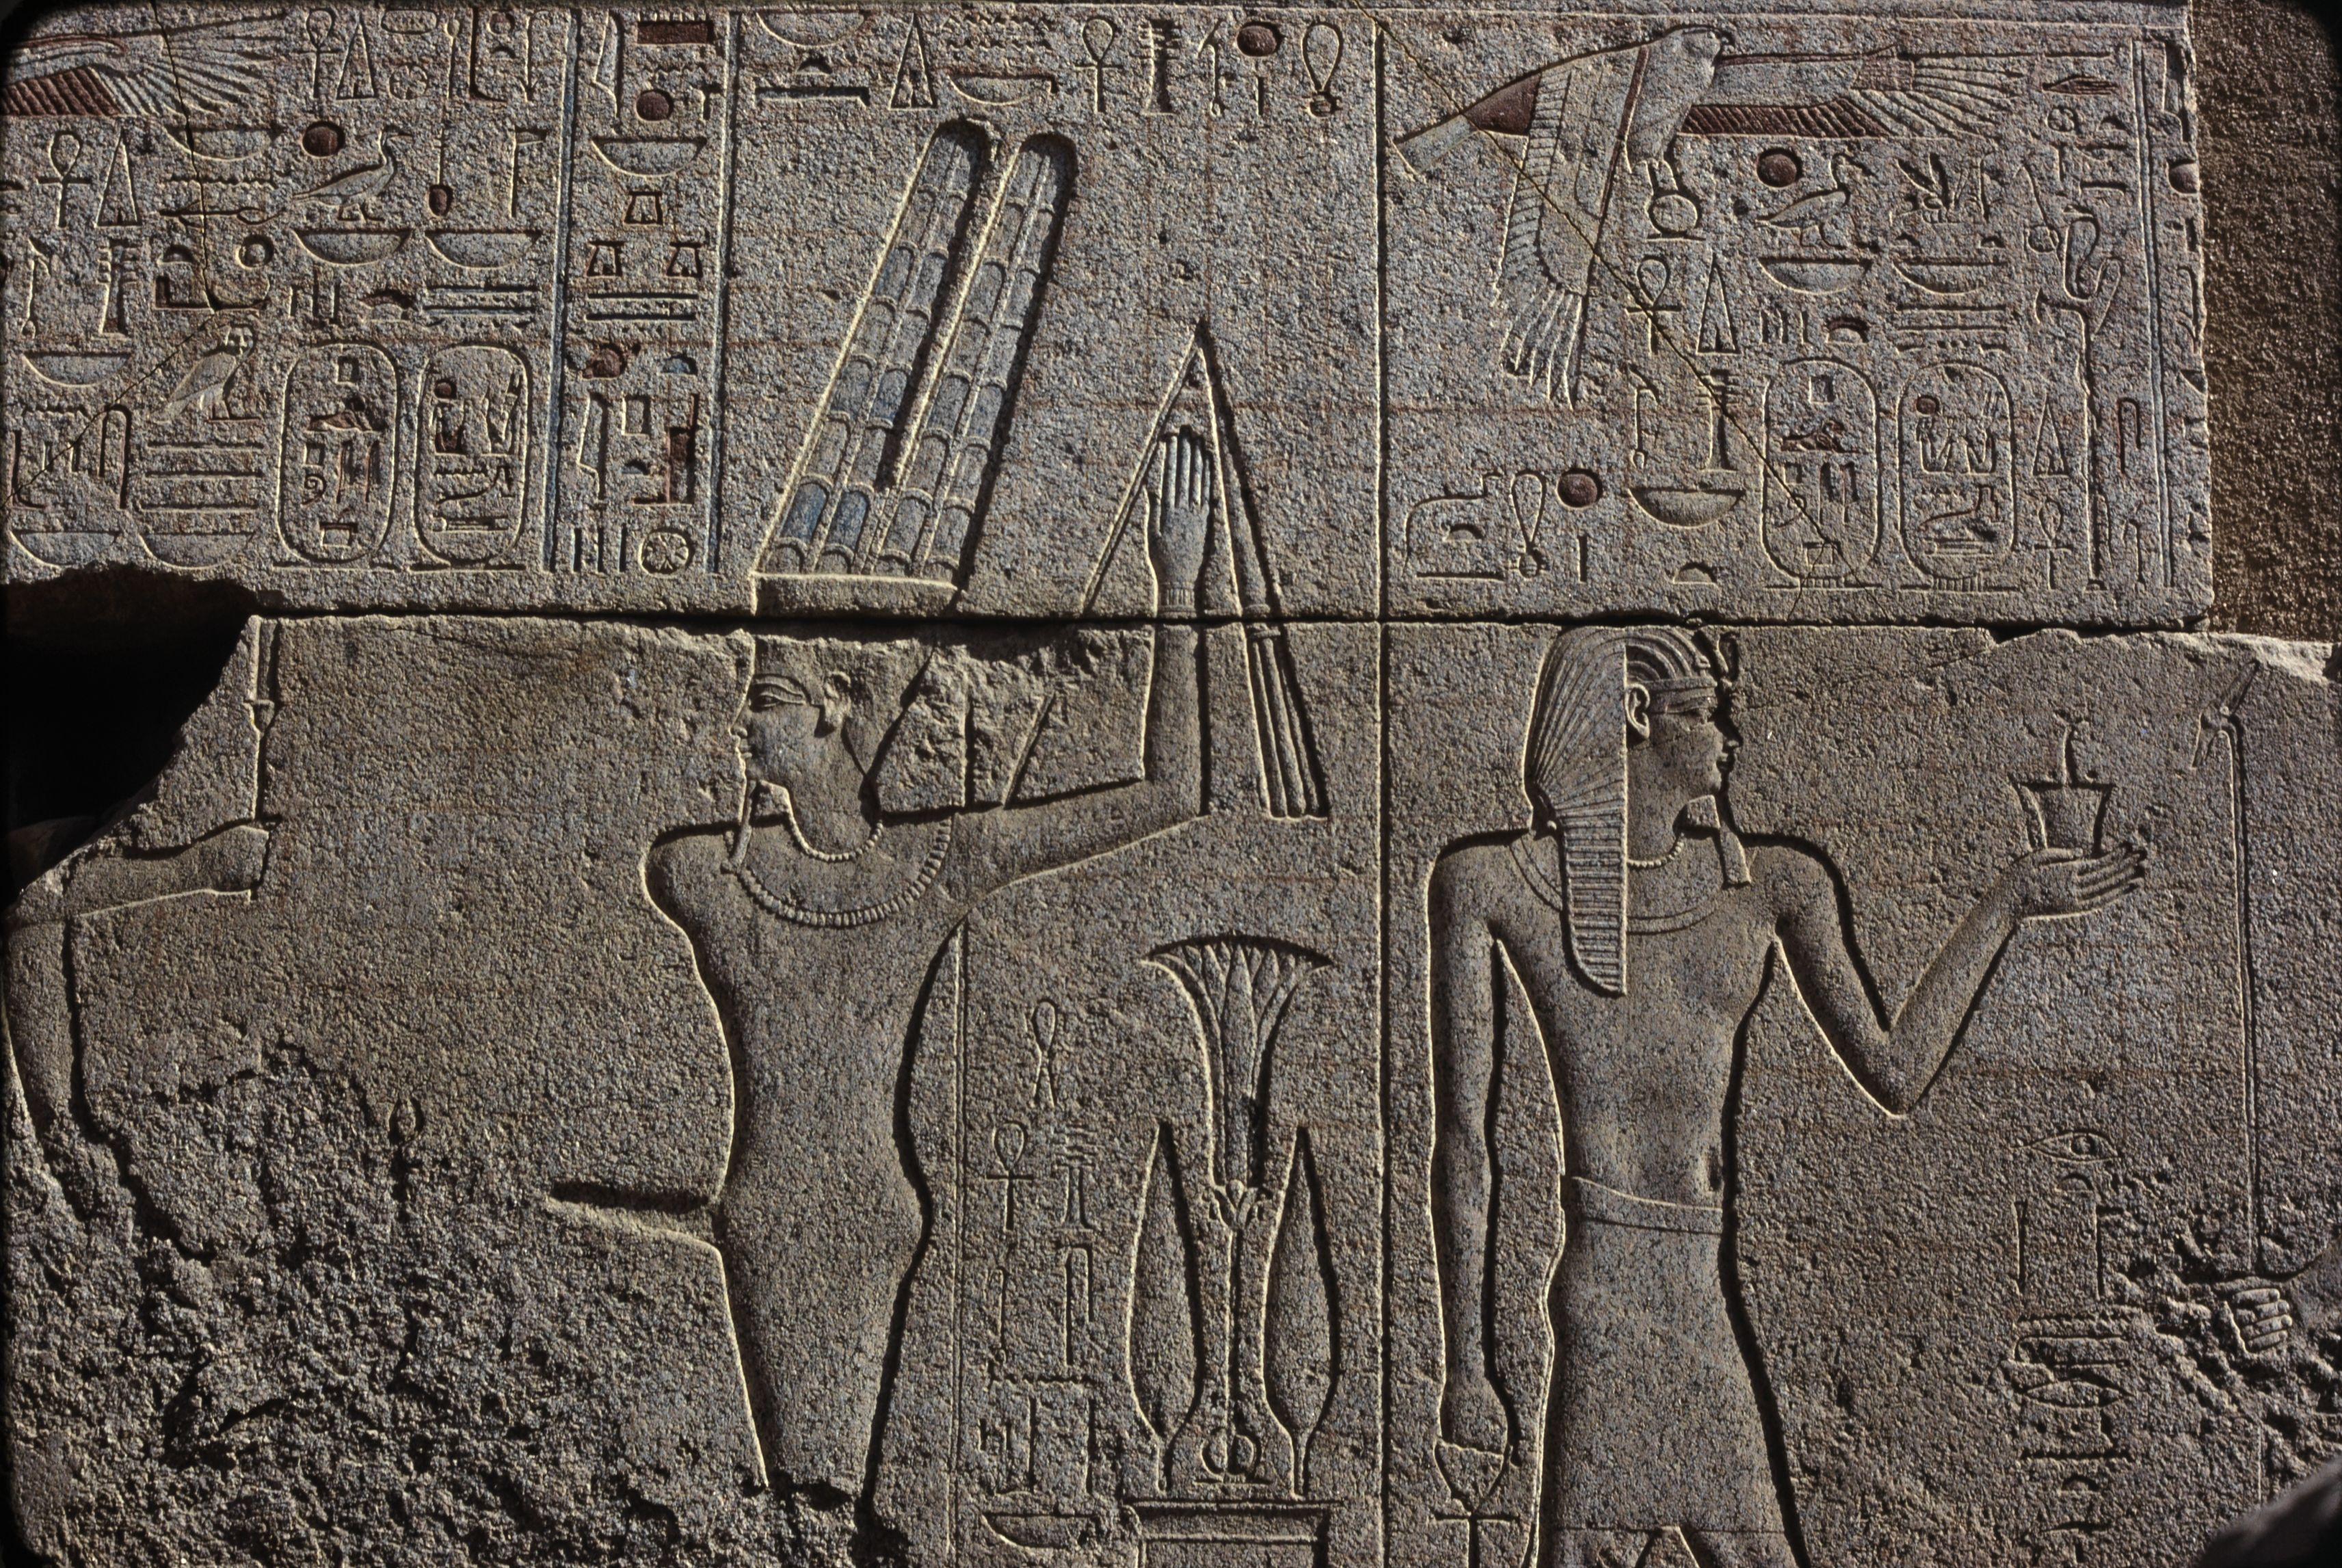 Гранитное святилище, предназначенное для ладьи Амона. Рельефы южной стены. Барка Амона на постаменте святилища и ее вынос на плечах жрецов